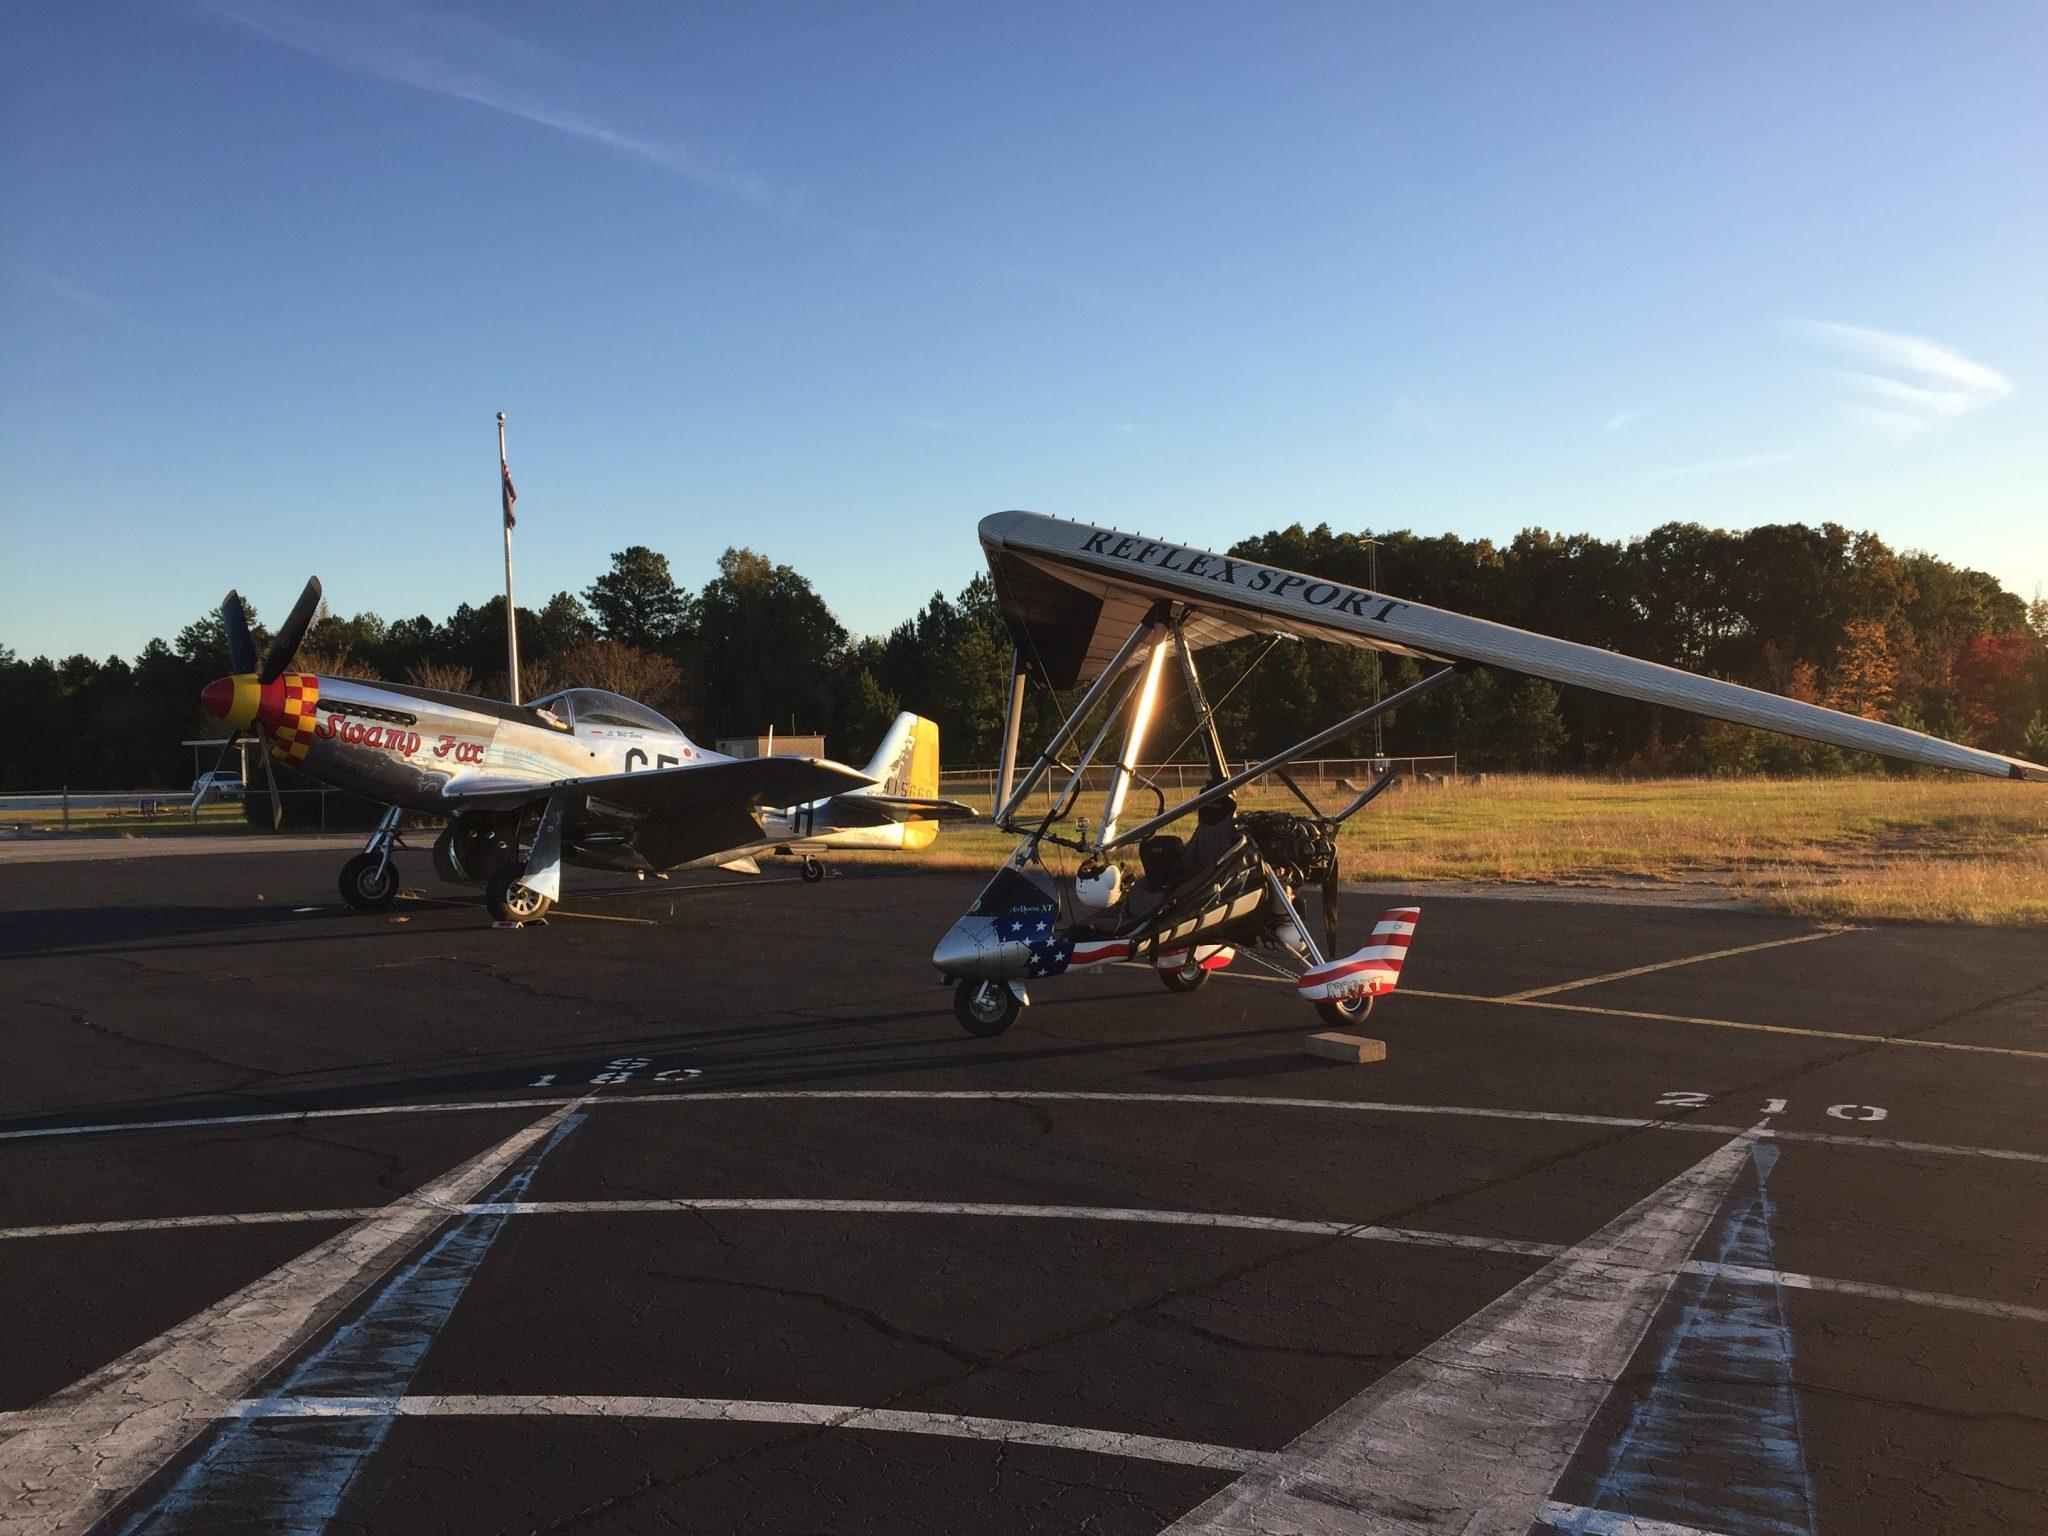 Mission with P-51 SWAMP FOX.CCB82F60-2A8A-4F86-BB45-10858FB628951AB4BB67-DF0A-49B3-876C-D7B92942C170